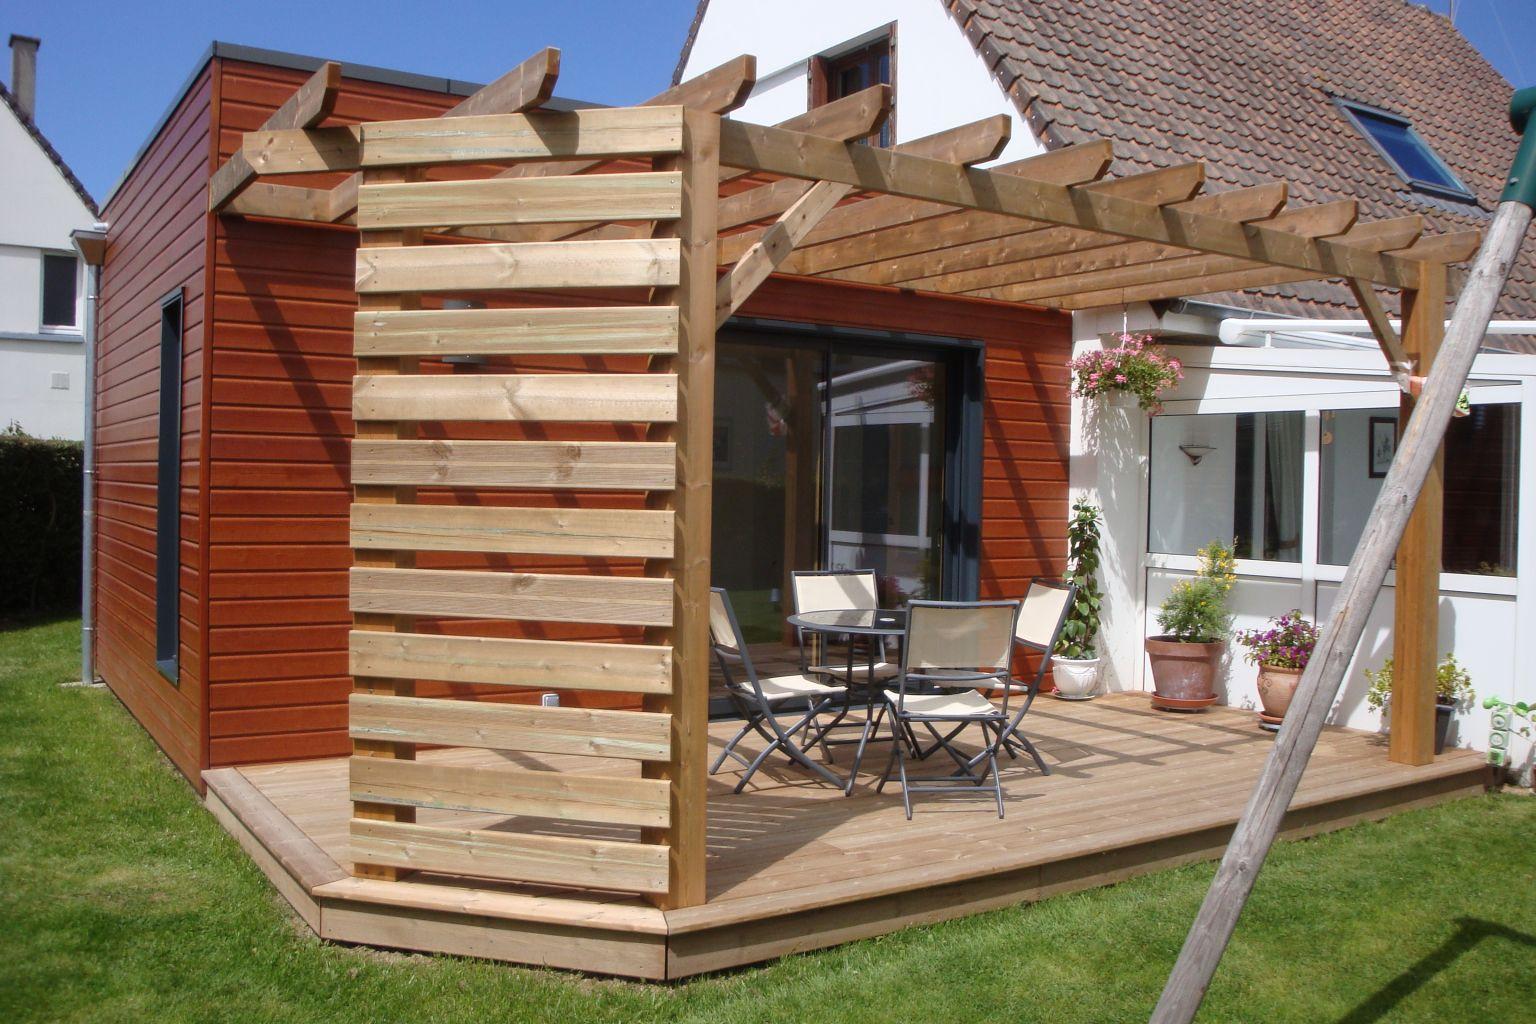 comment fabriquer une pergola en bois comment construire une pergola en bois brut pour le. Black Bedroom Furniture Sets. Home Design Ideas